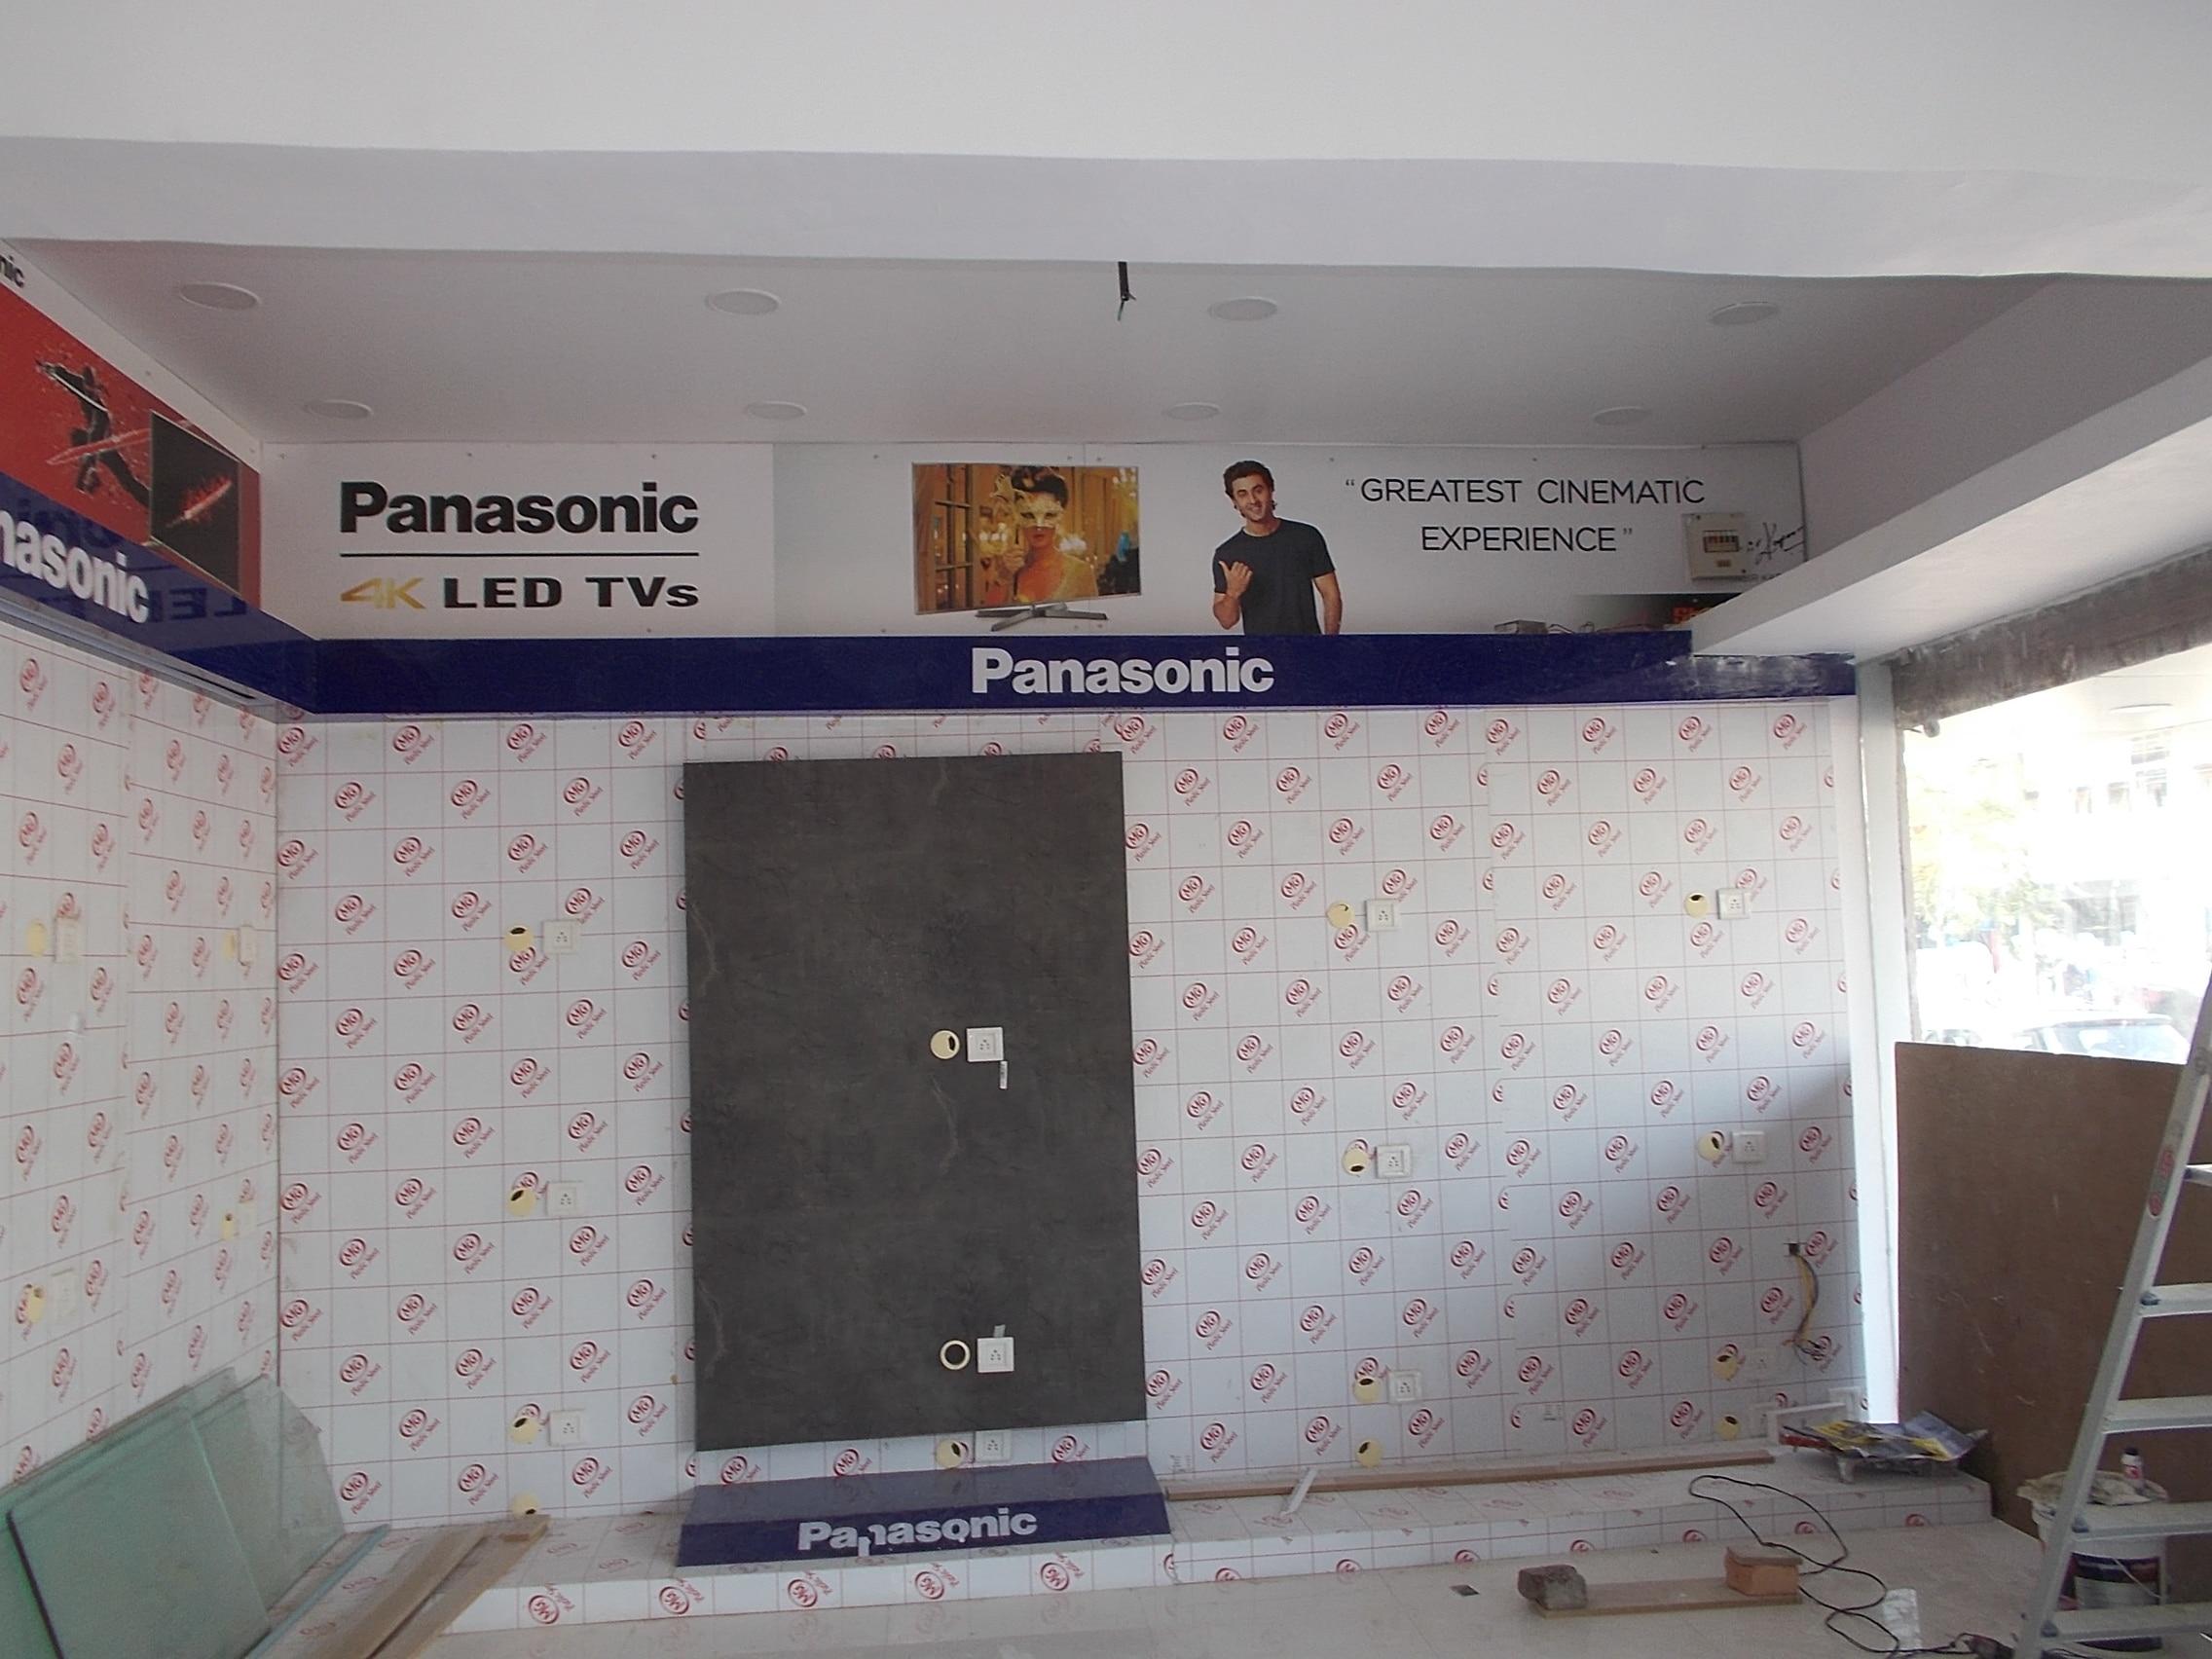 Panasonic Wall Brand